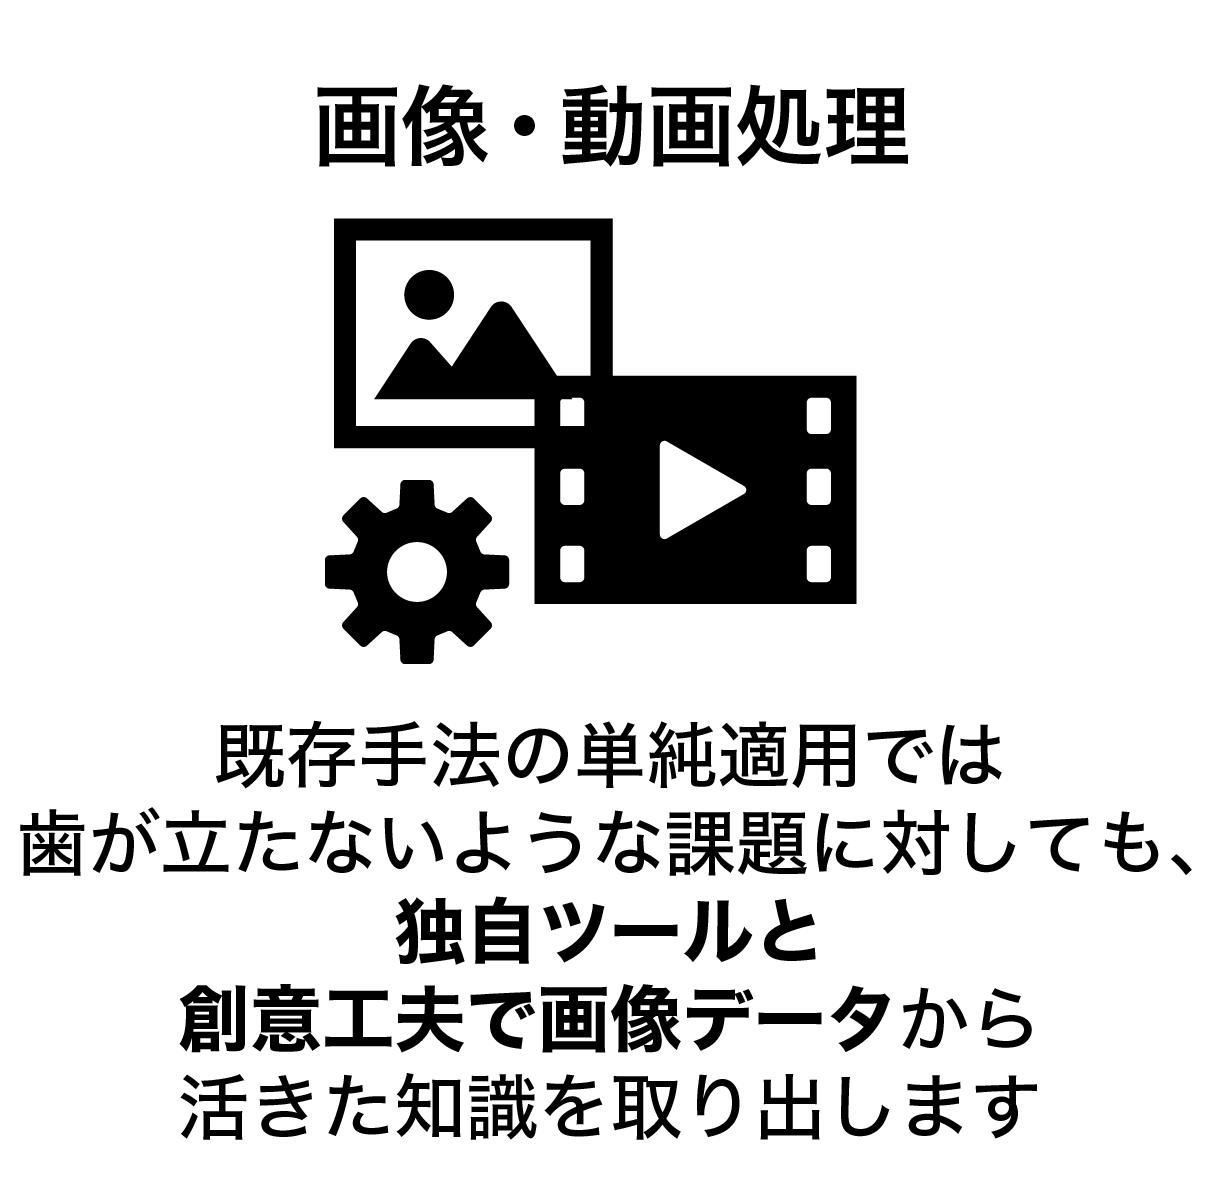 画像・動画処理